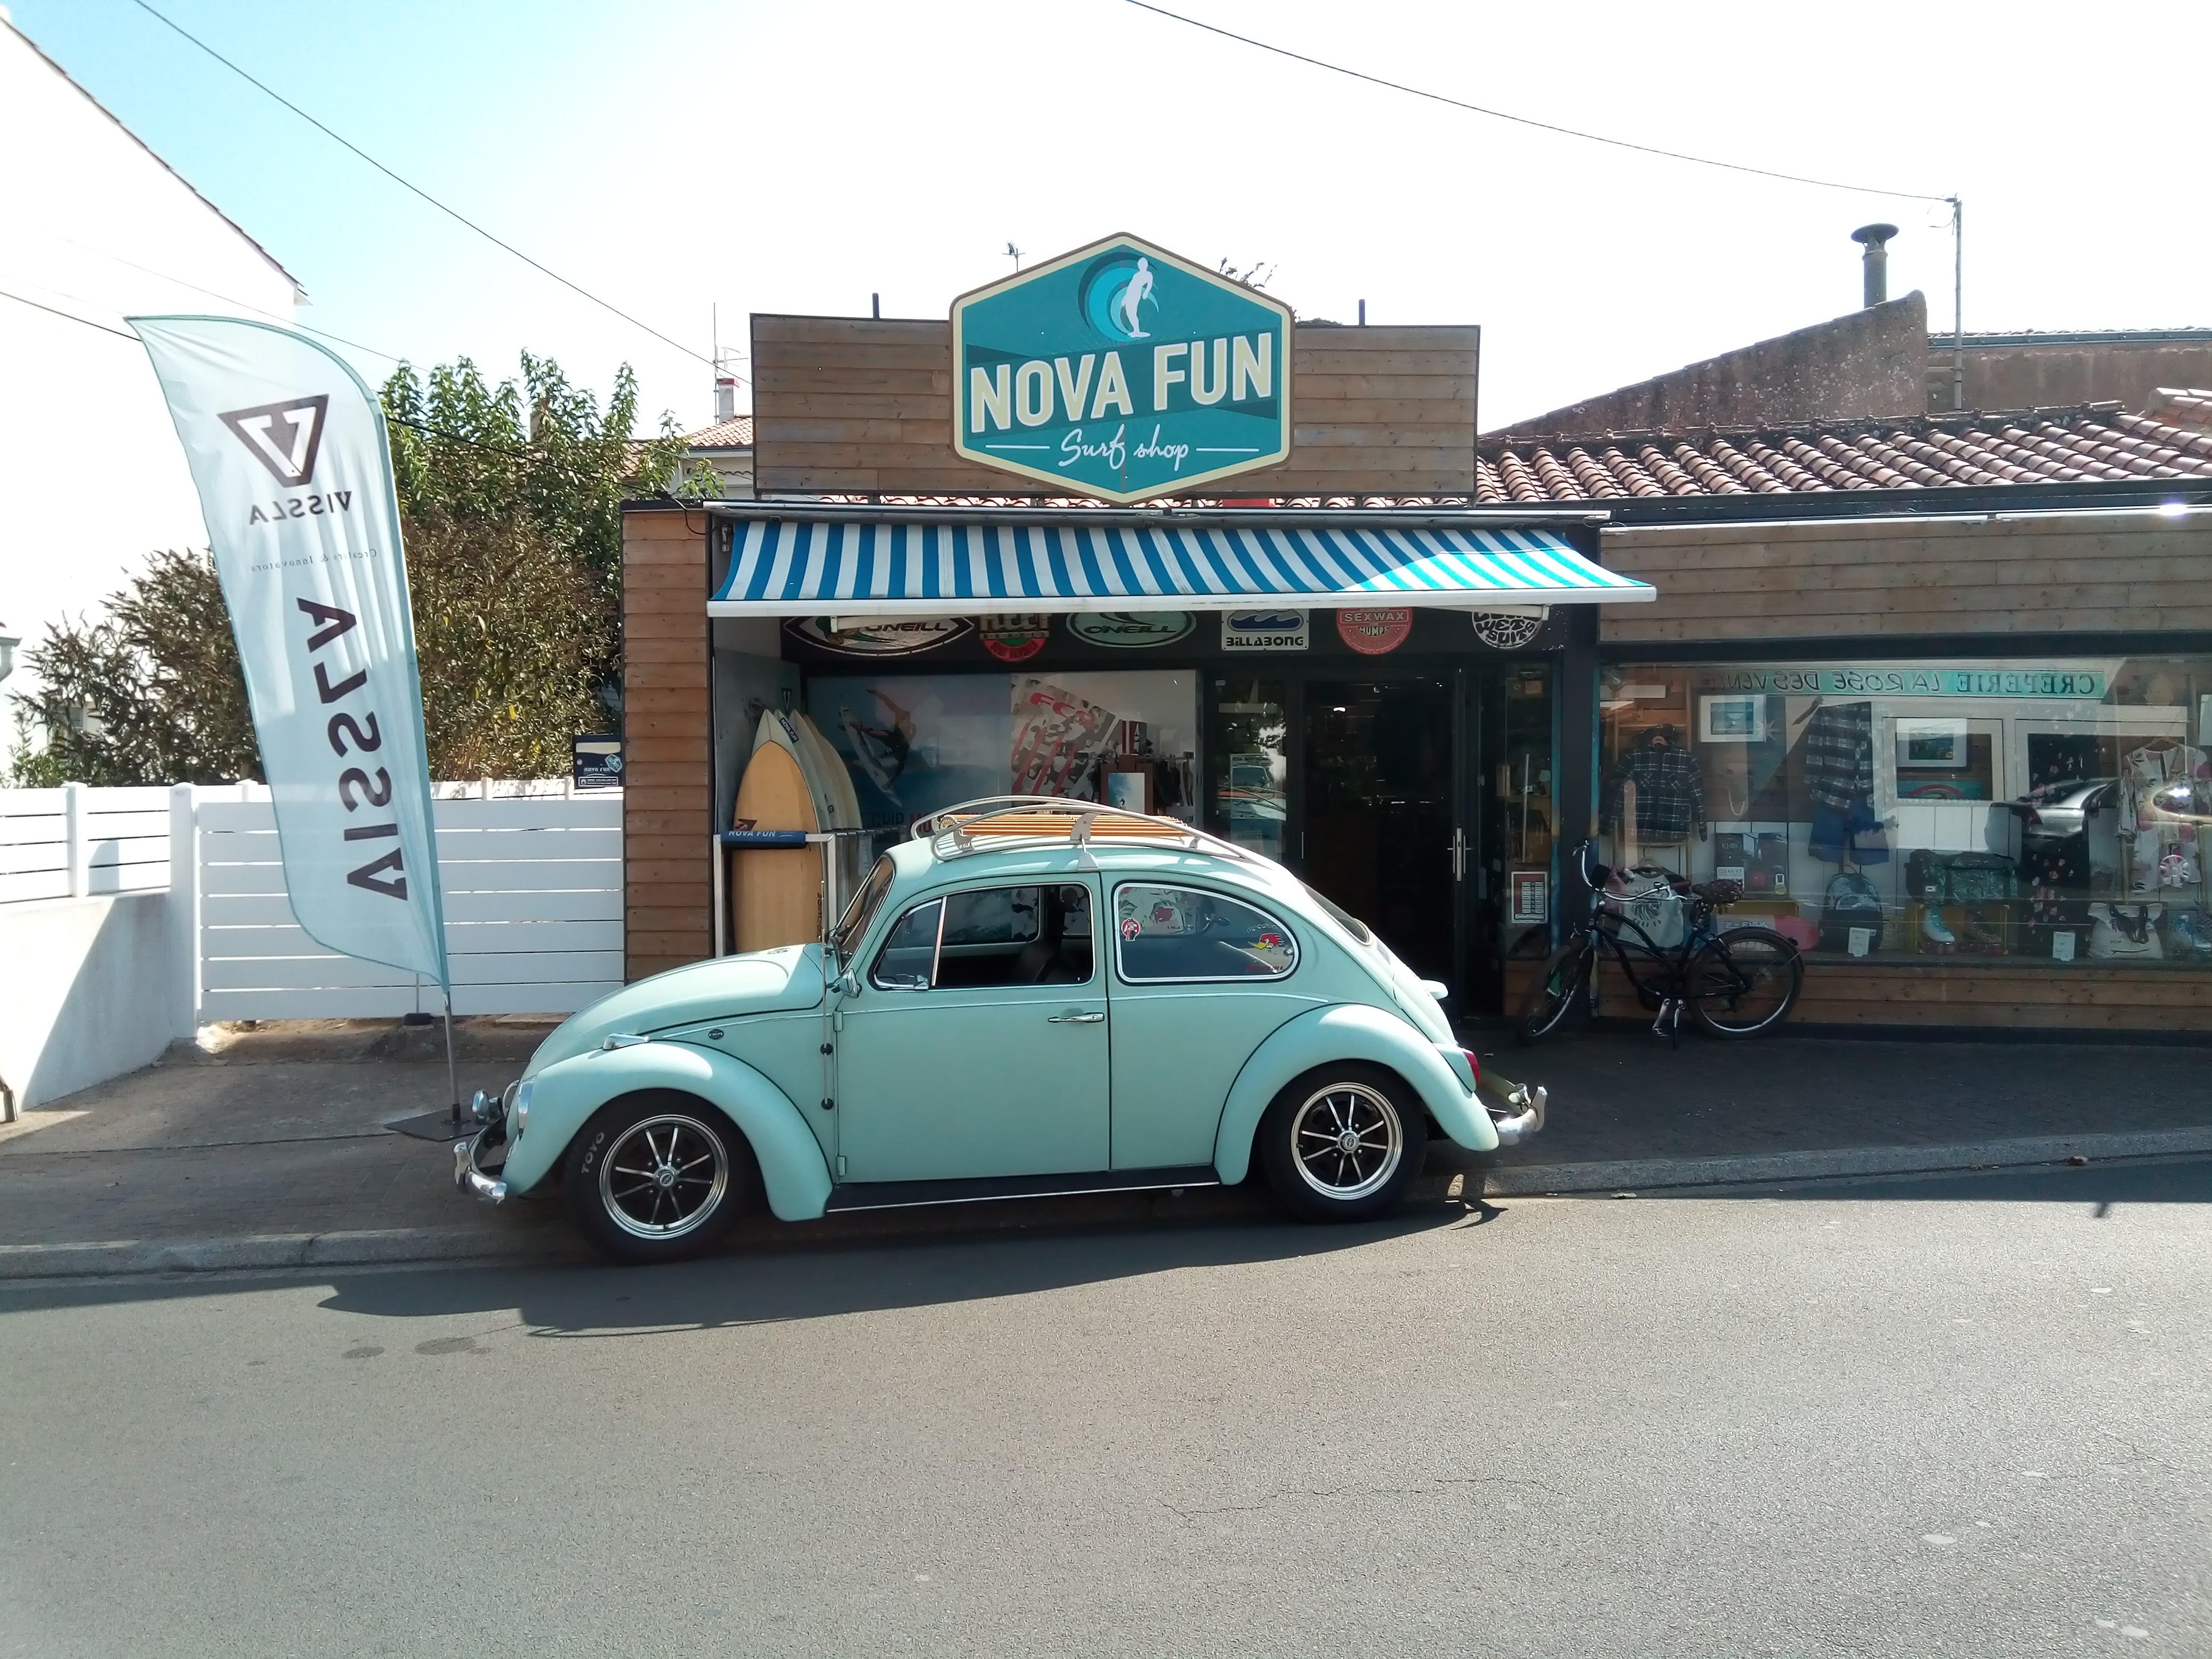 bettle nova fun surf shop